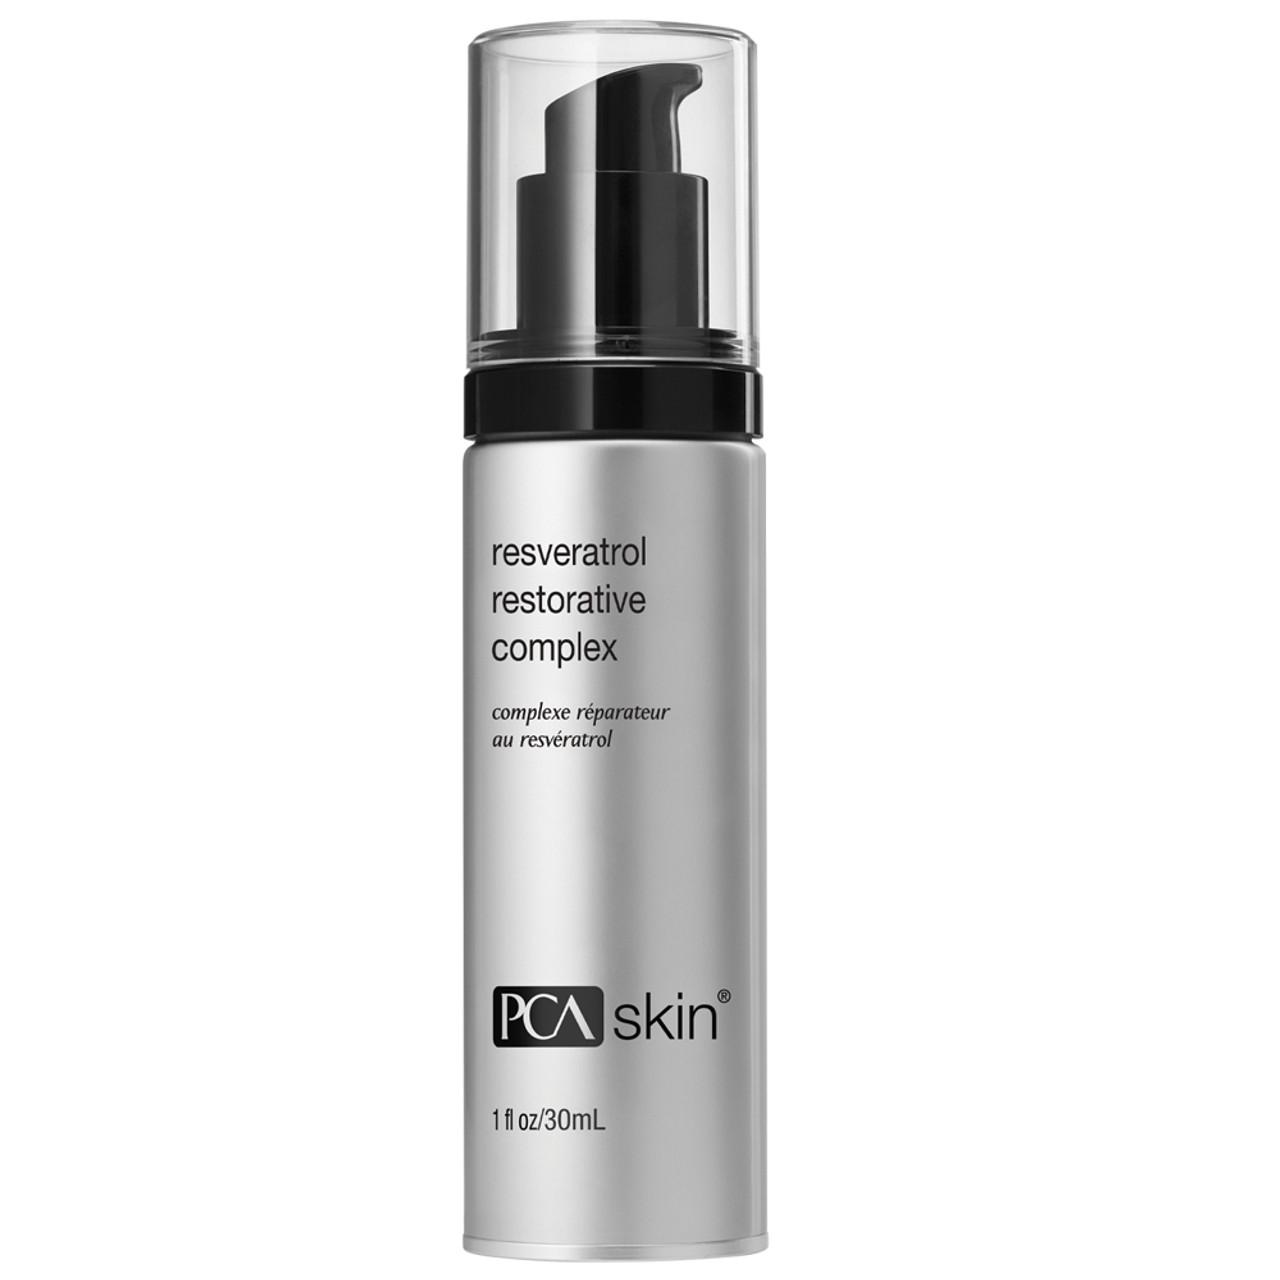 PCA Skin Resveratrol Restorative Complex BeautifiedYou.com